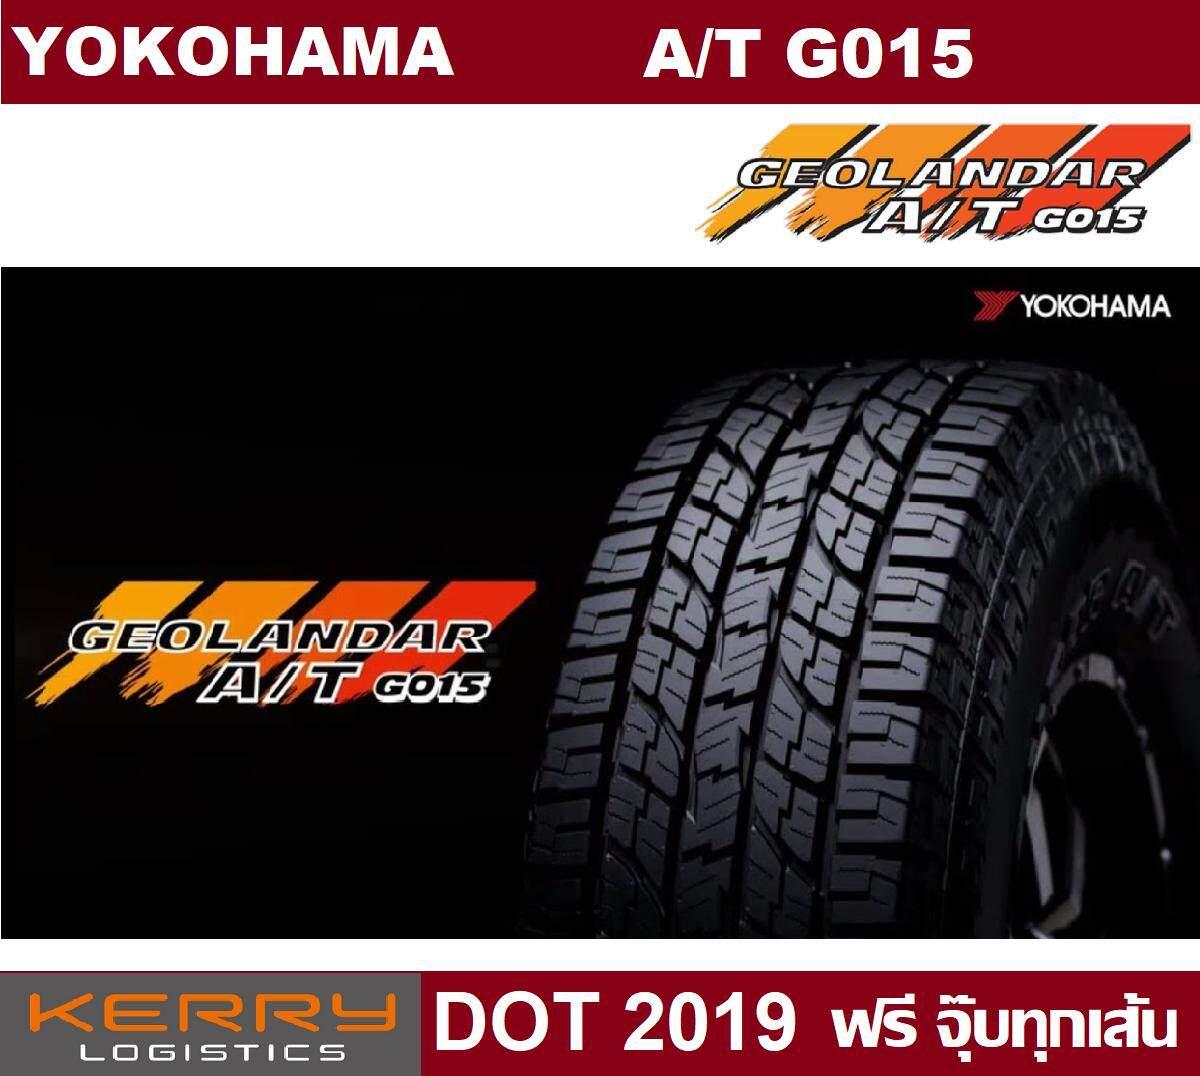 ประกันภัย รถยนต์ แบบ ผ่อน ได้ ตรัง ยางรถยนต์ Yokohama รุ่น Geolandar A/T G015 ขนาด 225/70R15 จำนวน 4 เส้น (2019)